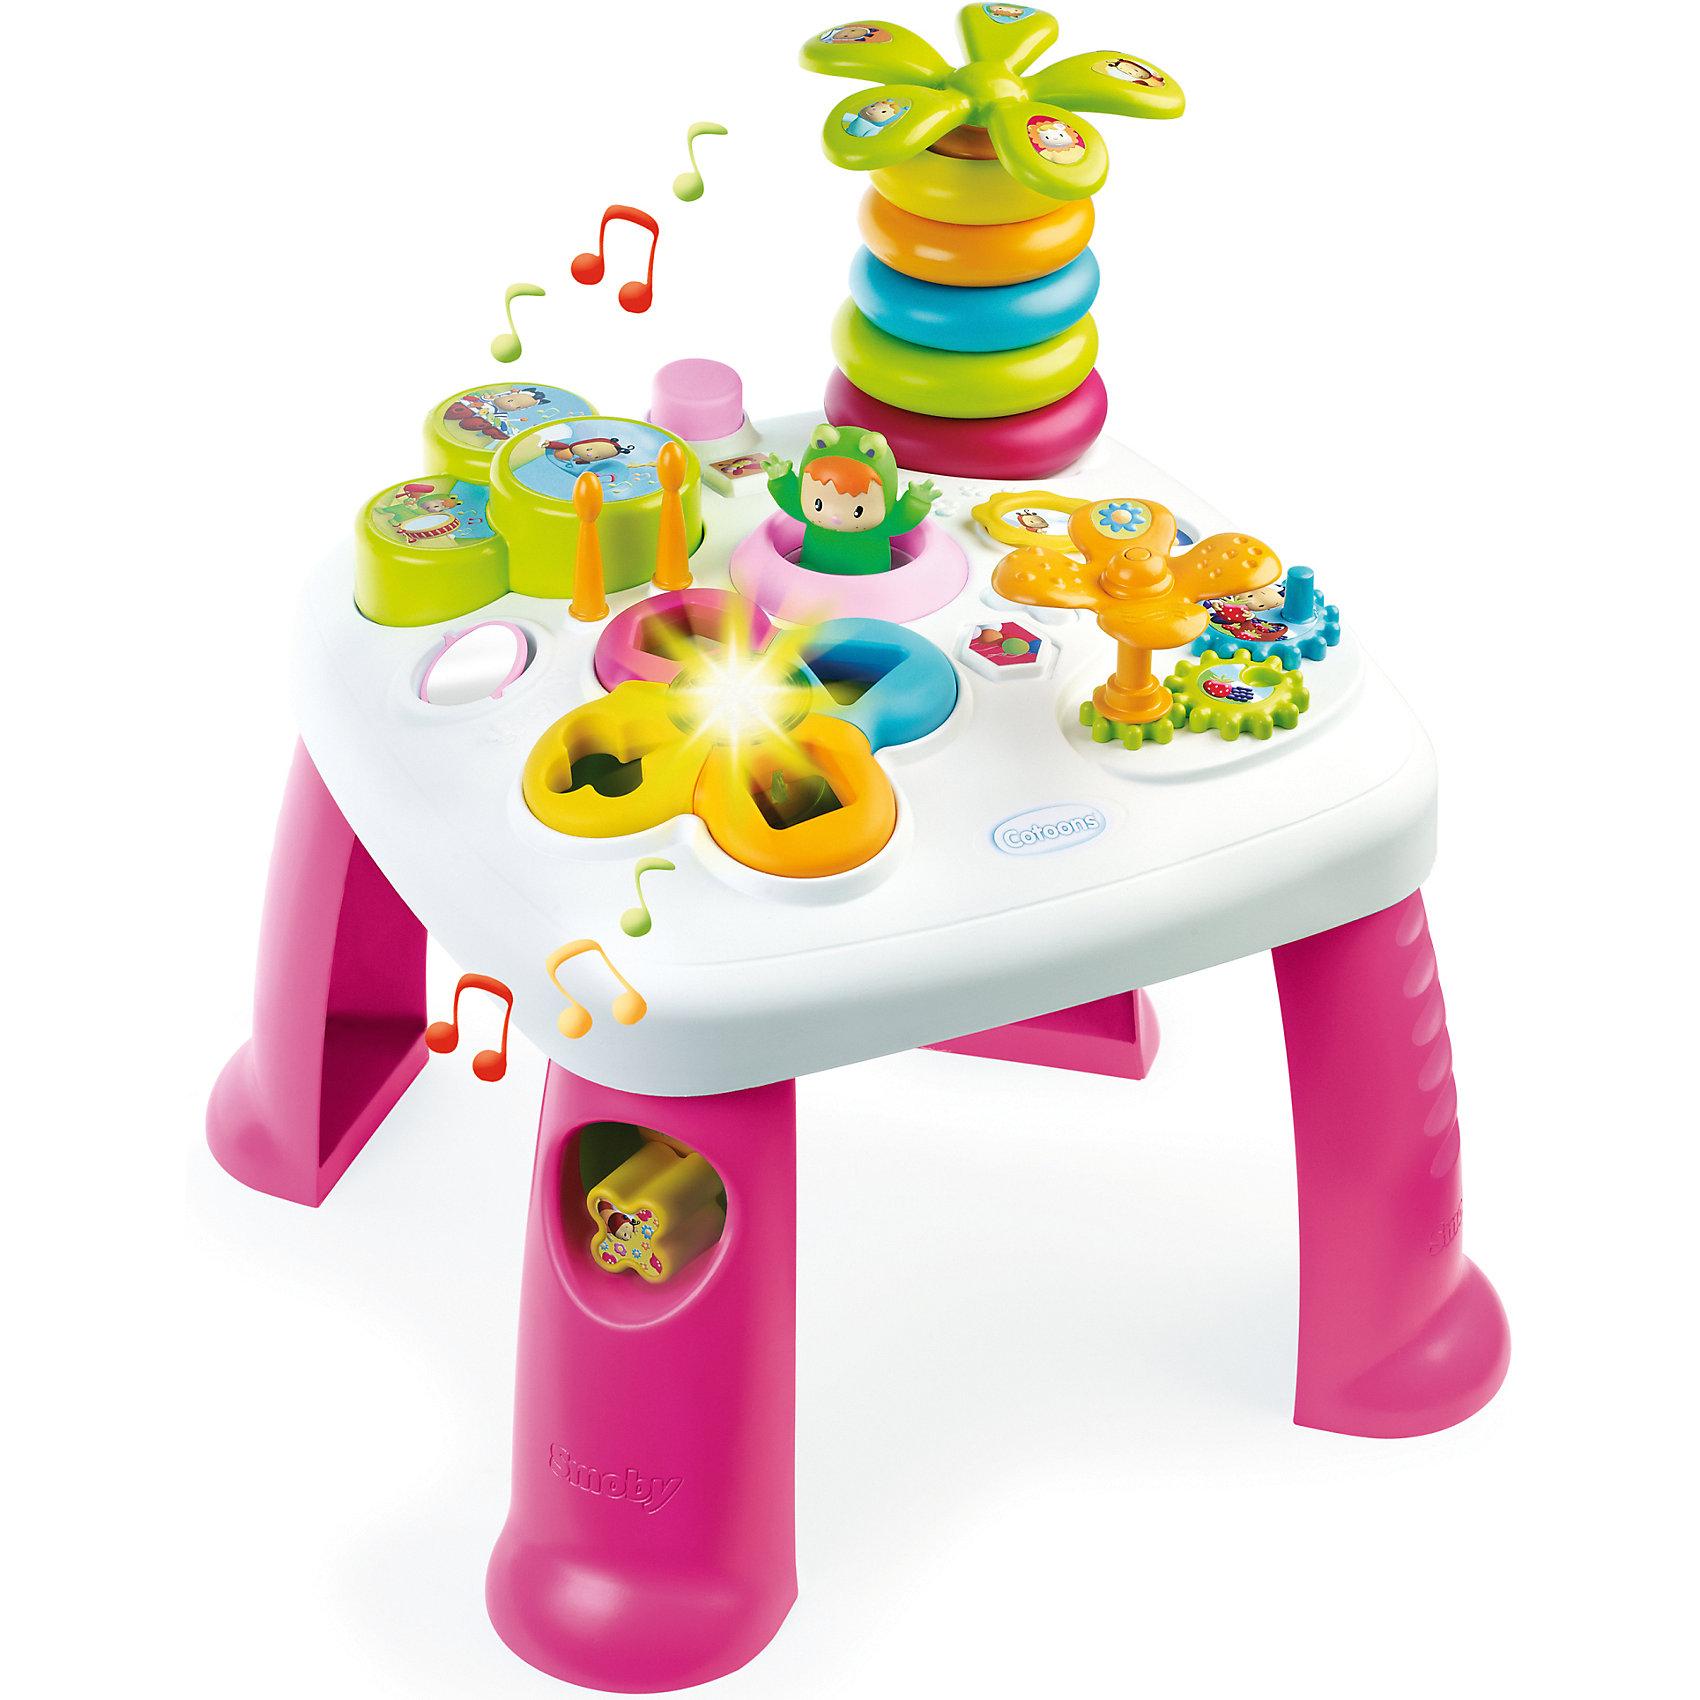 Развивающий игровой стол, розовый, SmobyРазвивающие игрушки<br>Характеристики товара:<br><br>• возраст от 1 года<br>• материал: пластик<br>• в комплекте: стол, аксессуары<br>• электронный сортер со светом<br>• барабан с палочками<br>• пирамидка-пальма с крутящейся кроной<br>• в ножке стола отвестие для кубиков<br>• игровые шестерёнки<br>• зеркальце<br>• прыгающий при нажатии кнопки лягушонок<br>• размер столика 47х47х49 см<br>• размер упаковки  57,5х14,5х49 см<br>• страна бренда: Франция<br>• страна производитель: Франция<br><br>Развивающий игровой стол Smoby — увлекательная развивающая игрушка для малышей от 1 года. Она способствует развитию мелкой моторики рук, тактильного и зрительного восприятия, логического мышления. На столе расположены разнообразные цветные игрушки.  Сортер и пирамидка в виде пальмы научат ребенка распознавать формы и различать цвета. Шестеренки развивают мелкую моторику рук. Барабан с палочками развивает музыкальный слух. <br><br>Игрушка оснащена световыми и звуковыми эффектами, делающими игру еще более интересной. Работает от 2 батареек LR44 (в комплекте). Столик изготовлен из качественного безвредного пластика. На столе нет острых углов, что исключает случайные травмы. Благодаря 4 устойчивым ножкам, стол хорошо и ровно стоит на поверхности и не падает.<br><br>Развивающий игровой стол Smoby можно приобрести в нашем интернет-магазине.<br><br>Ширина мм: 580<br>Глубина мм: 490<br>Высота мм: 150<br>Вес г: 2580<br>Возраст от месяцев: 12<br>Возраст до месяцев: 2147483647<br>Пол: Женский<br>Возраст: Детский<br>SKU: 5544433